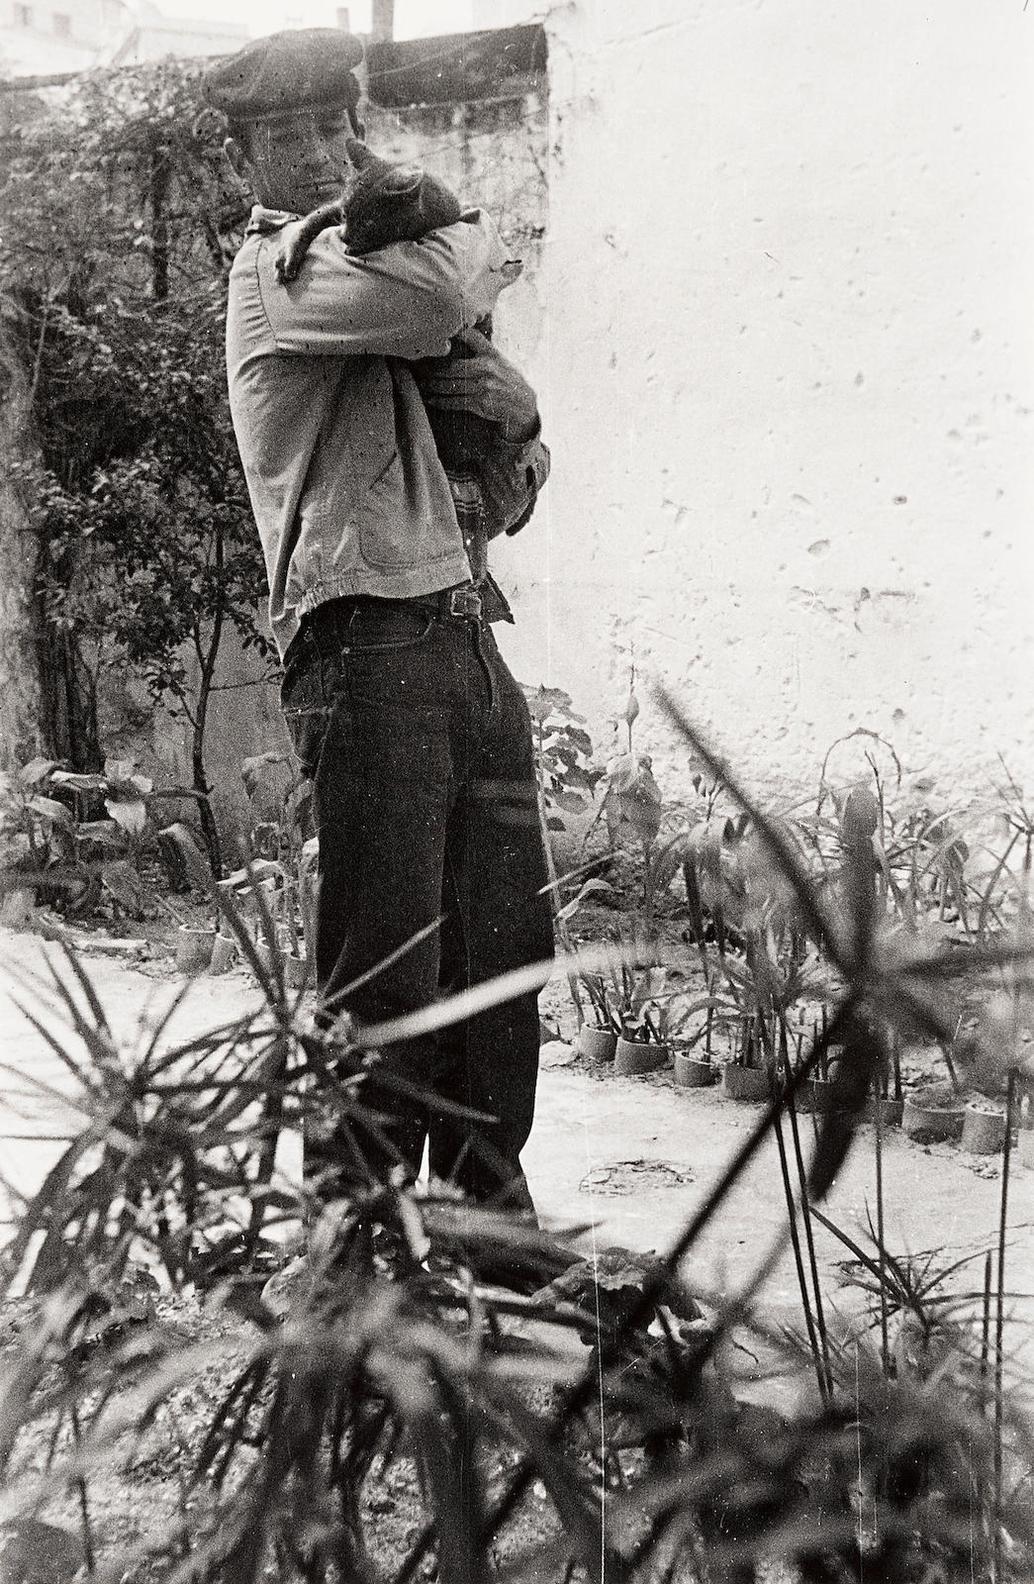 Allen Ginsberg - Jack Kerouac Holding William S. Burroughs Cat, Villa Muneria, Tangiers-1957